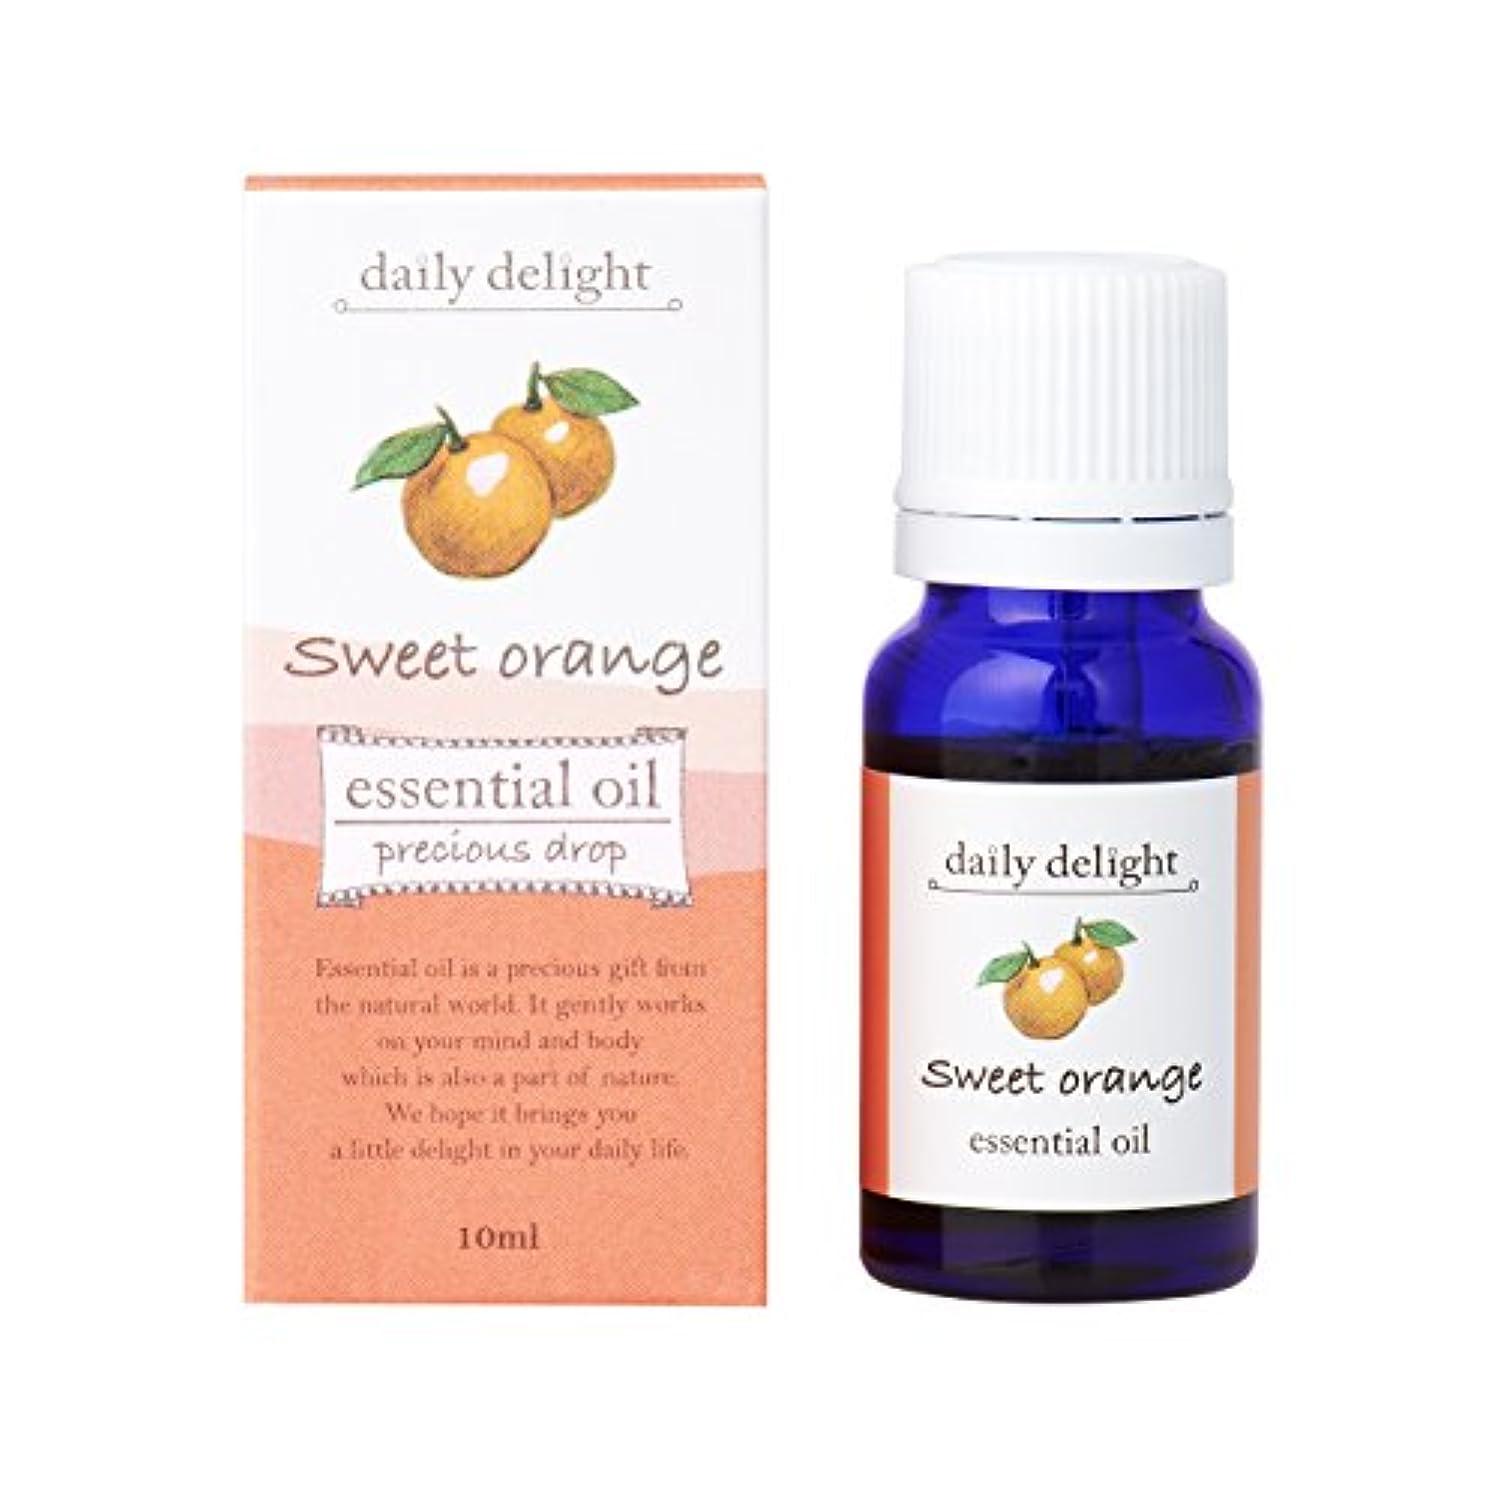 故意に液体衝動デイリーディライト エッセンシャルオイル  スイートオレンジ 10ml(天然100% 精油 アロマ 柑橘系 フルーティで甘く爽やかな香り)